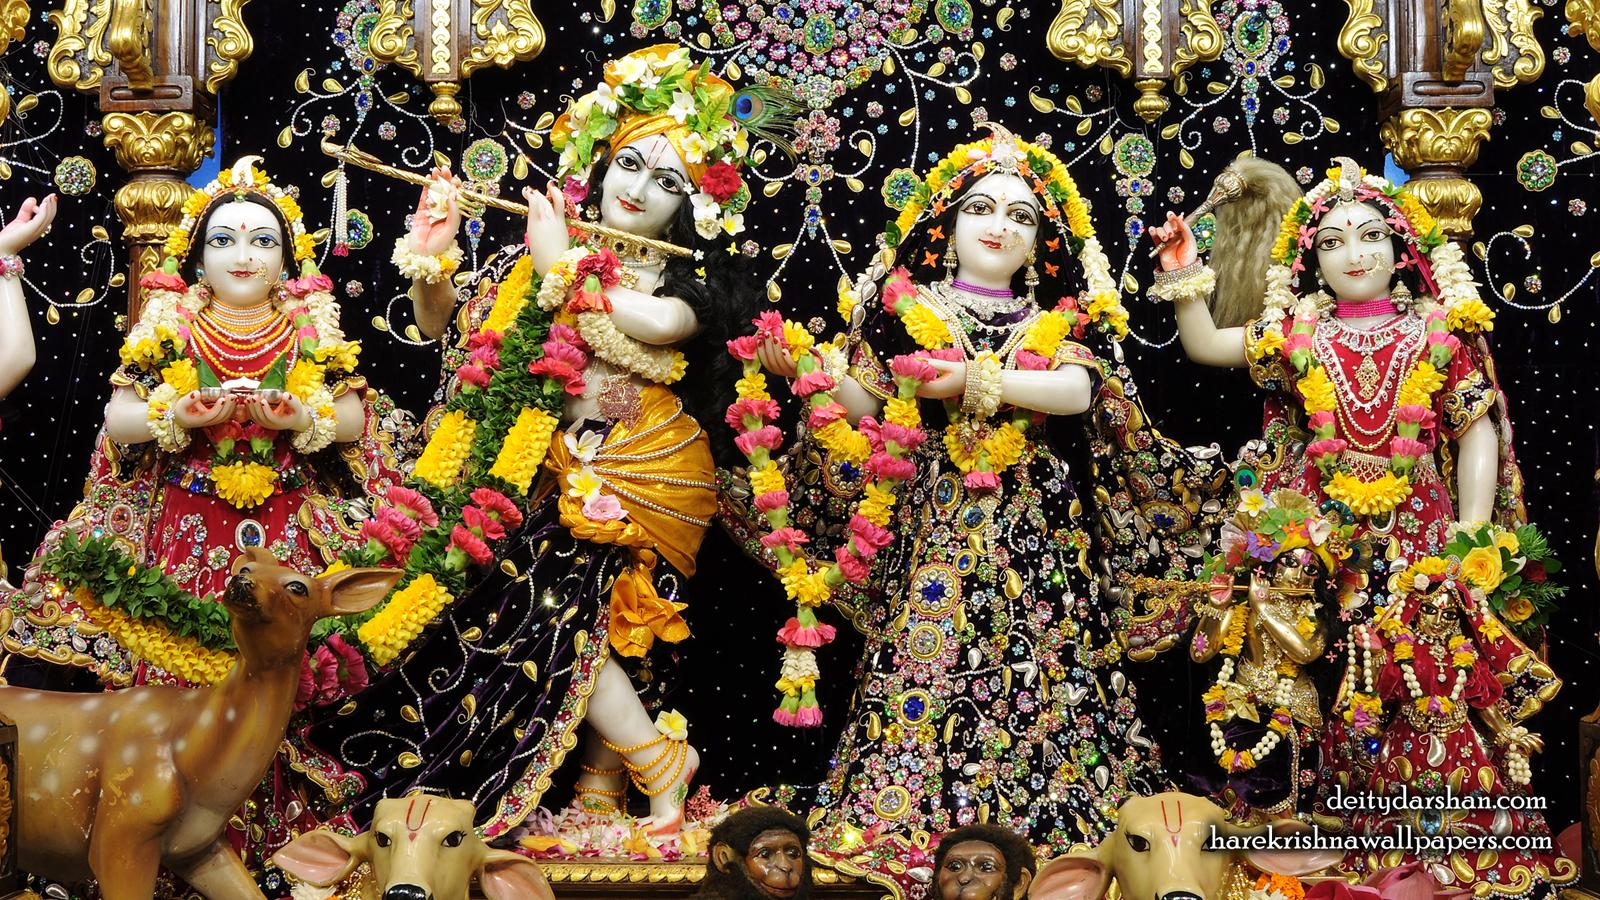 Sri Sri Radha Gopinath Lalita Vishakha Wallpaper (063) Size 1600x900 Download